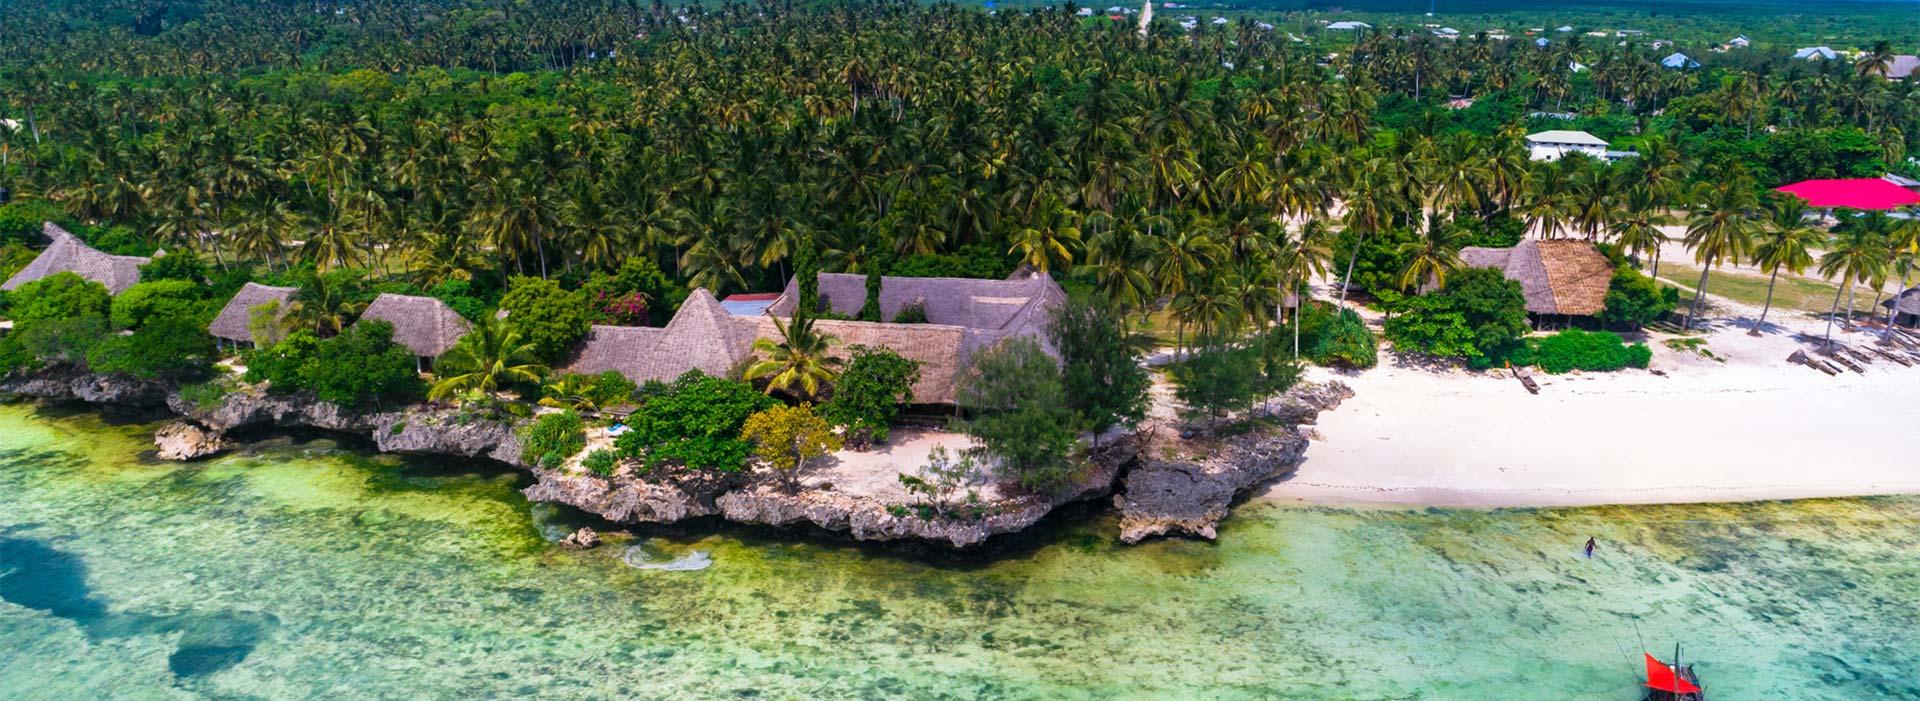 Zanzibar-hotel